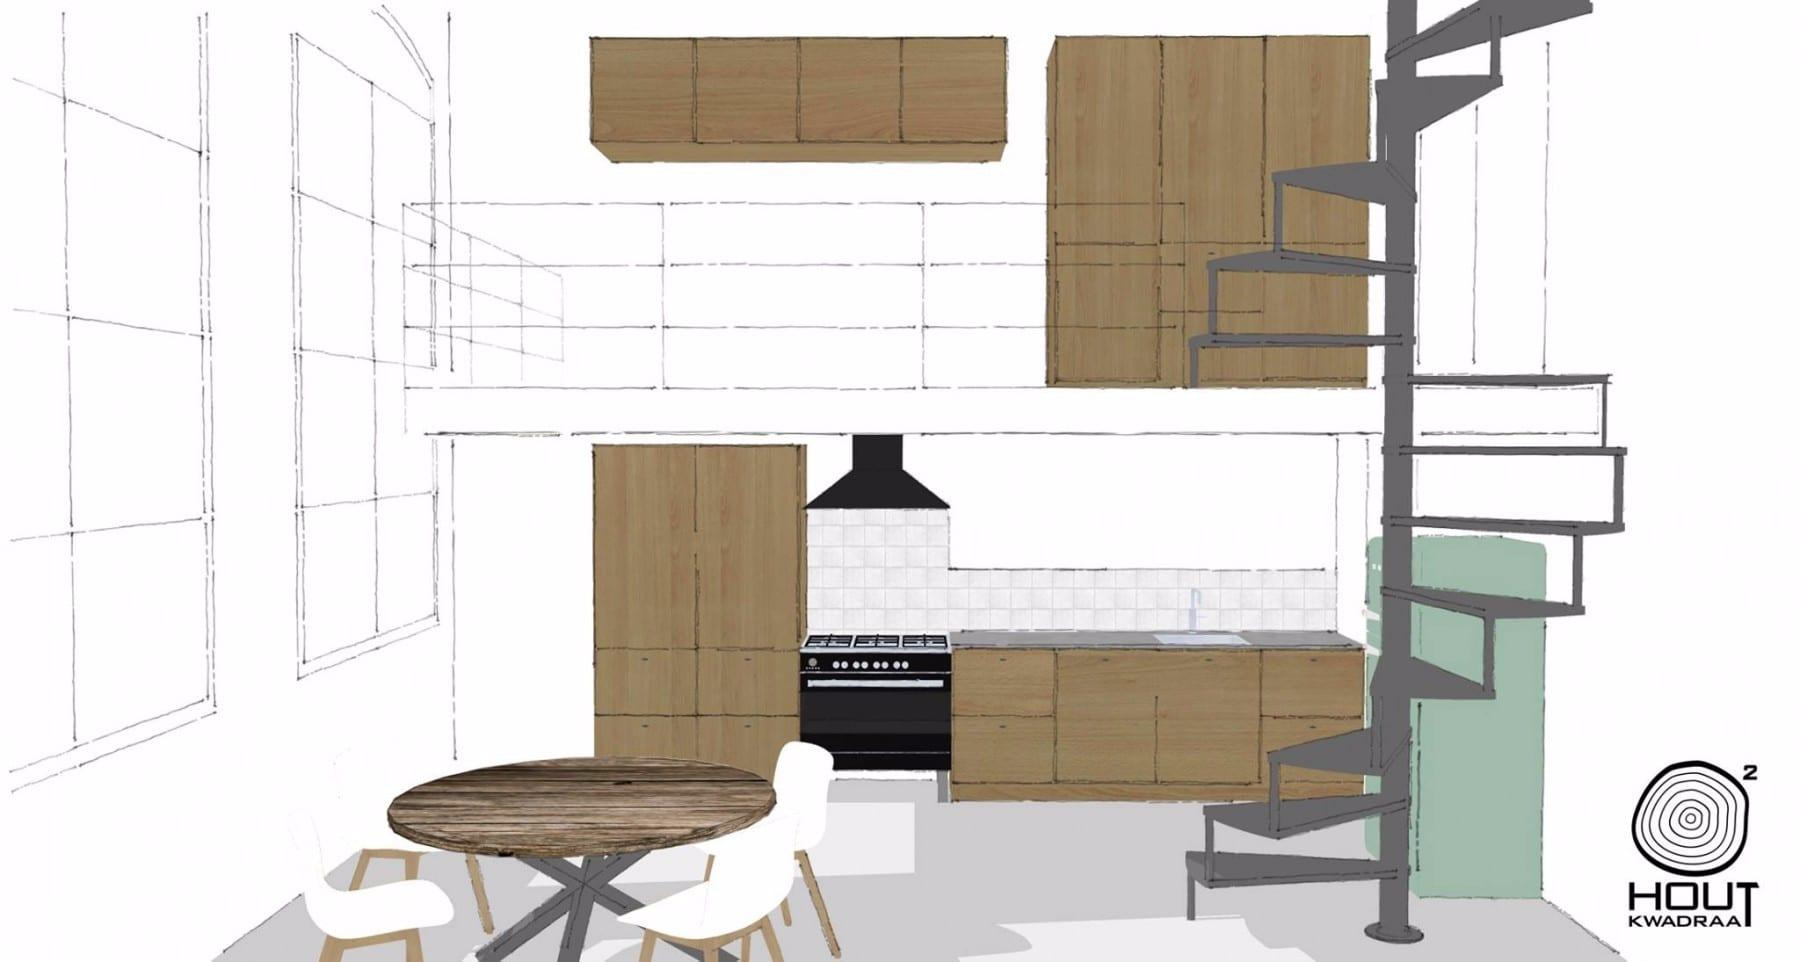 Industriële Keuken Ontwerp ~ anortiz.com for .